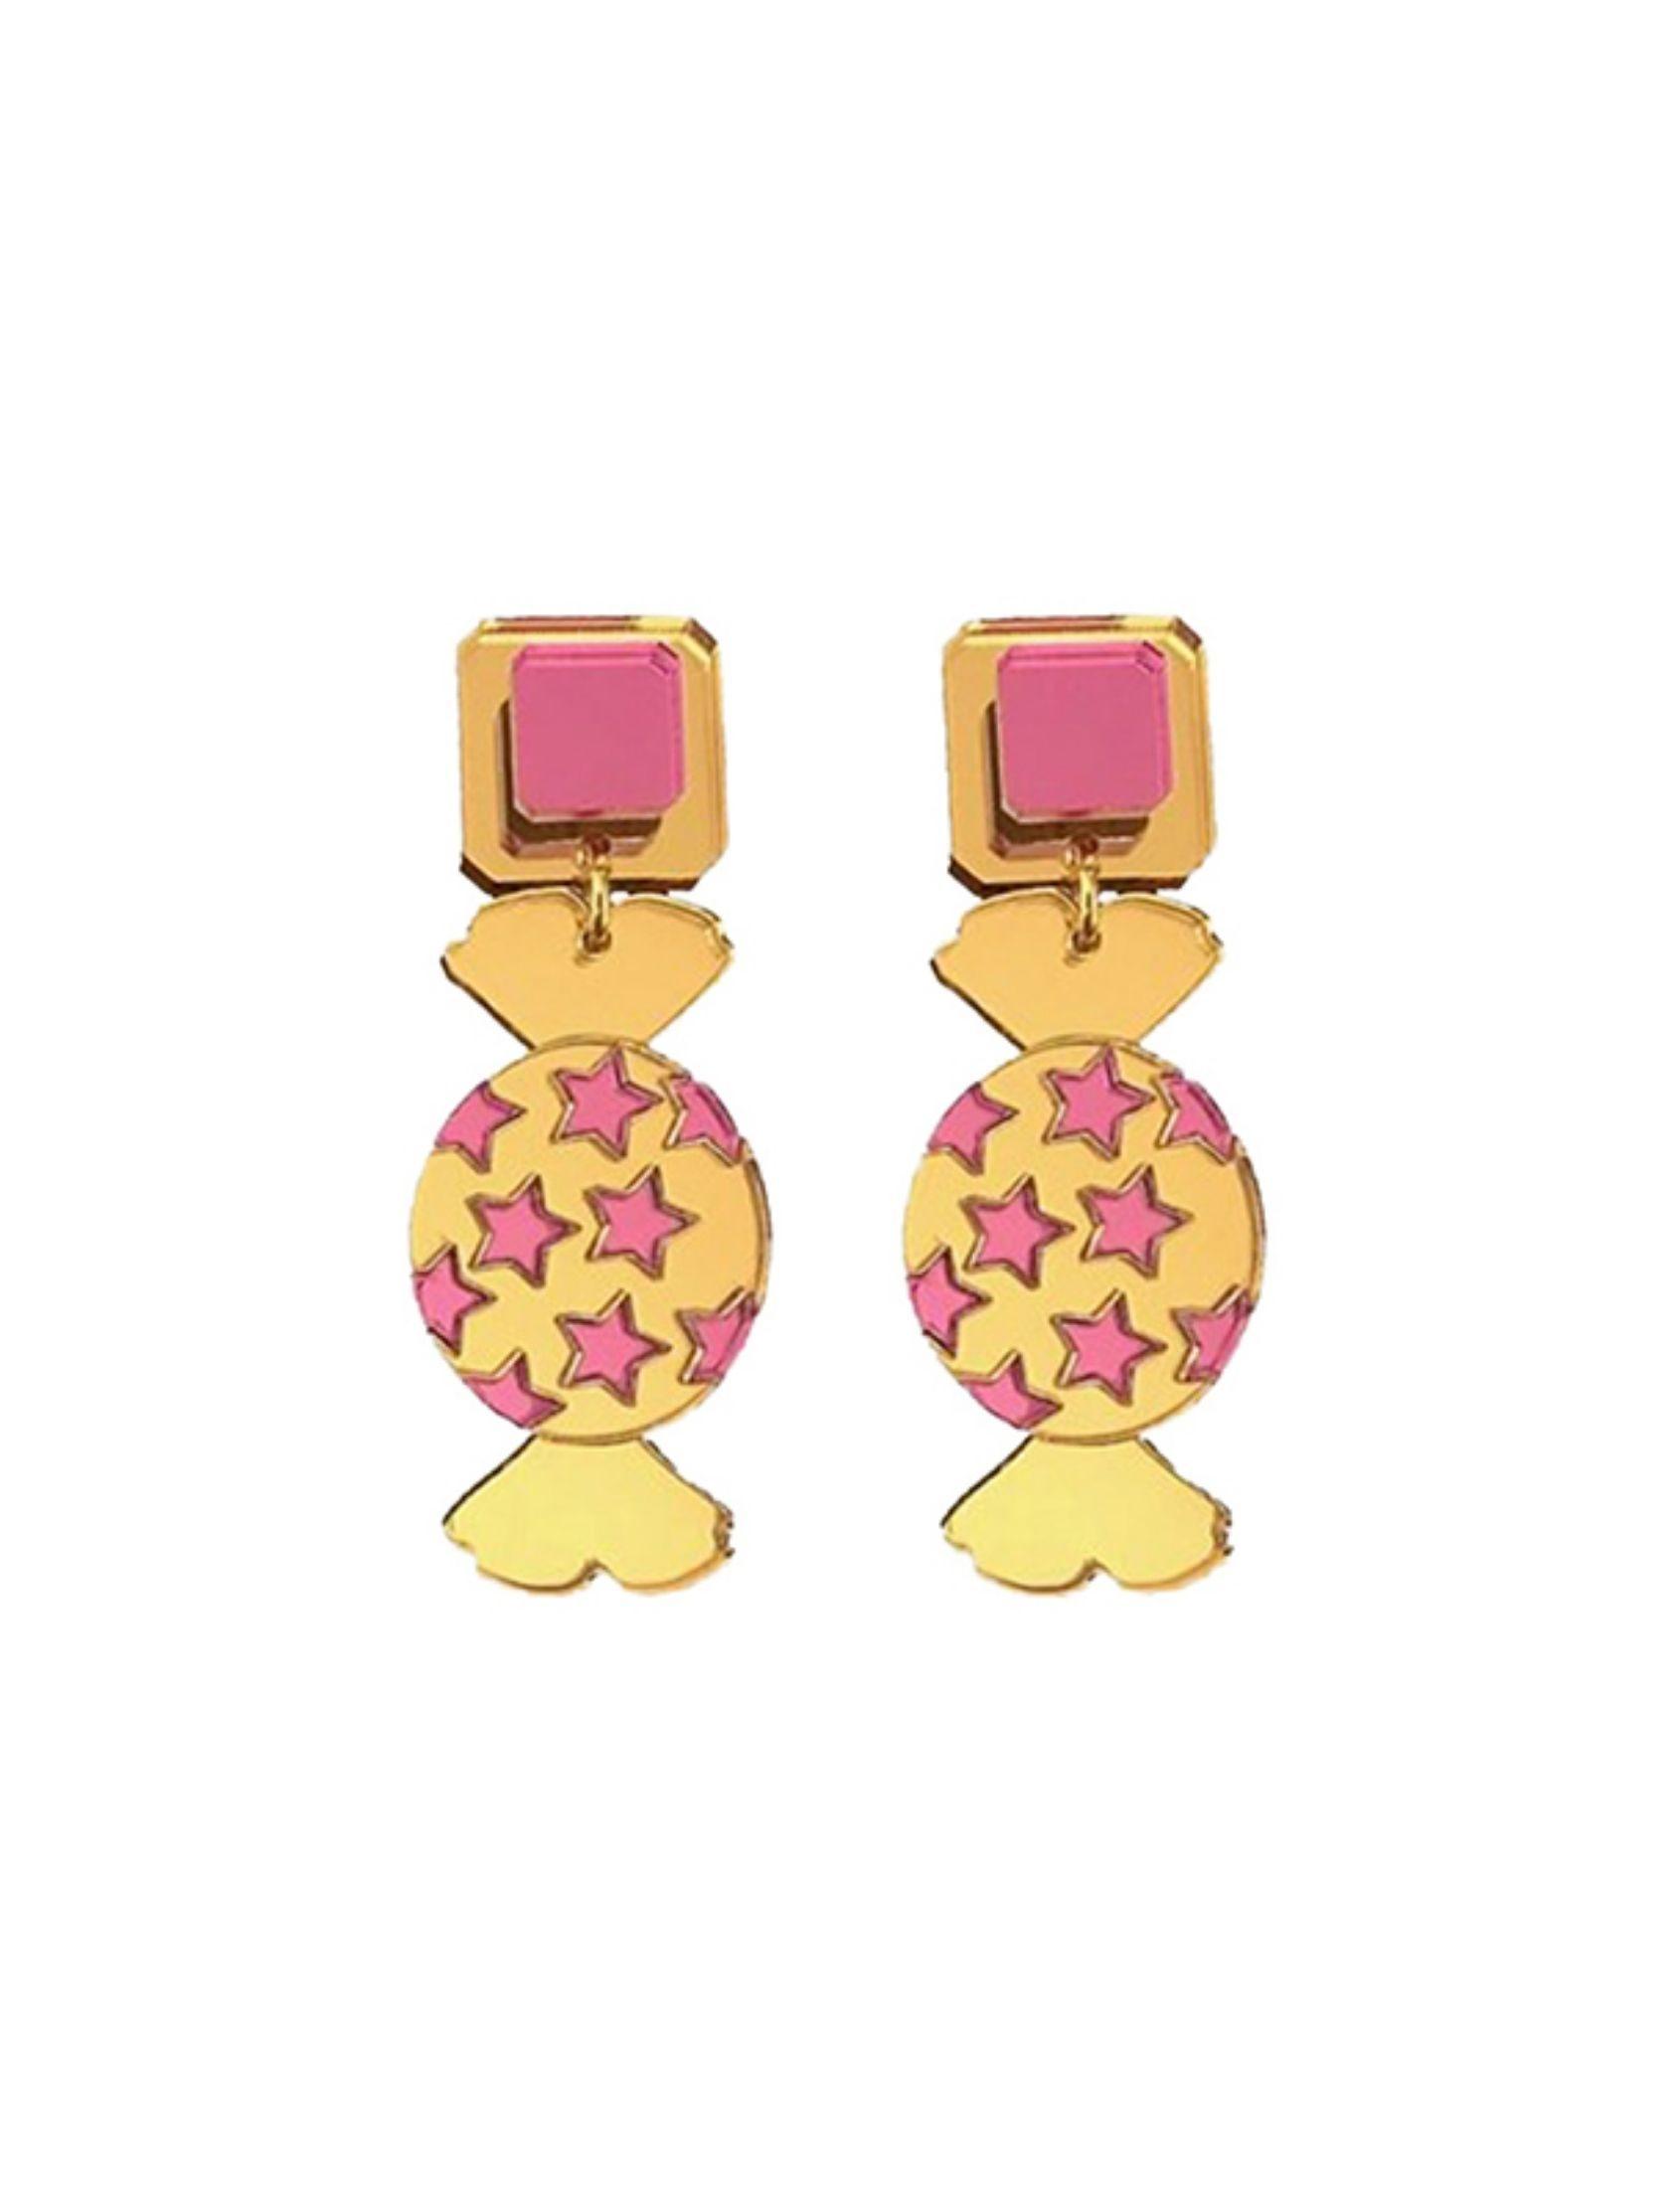 pendientes gold candy de metacrilato con forma de caramelo dorado y cuadrado rosa